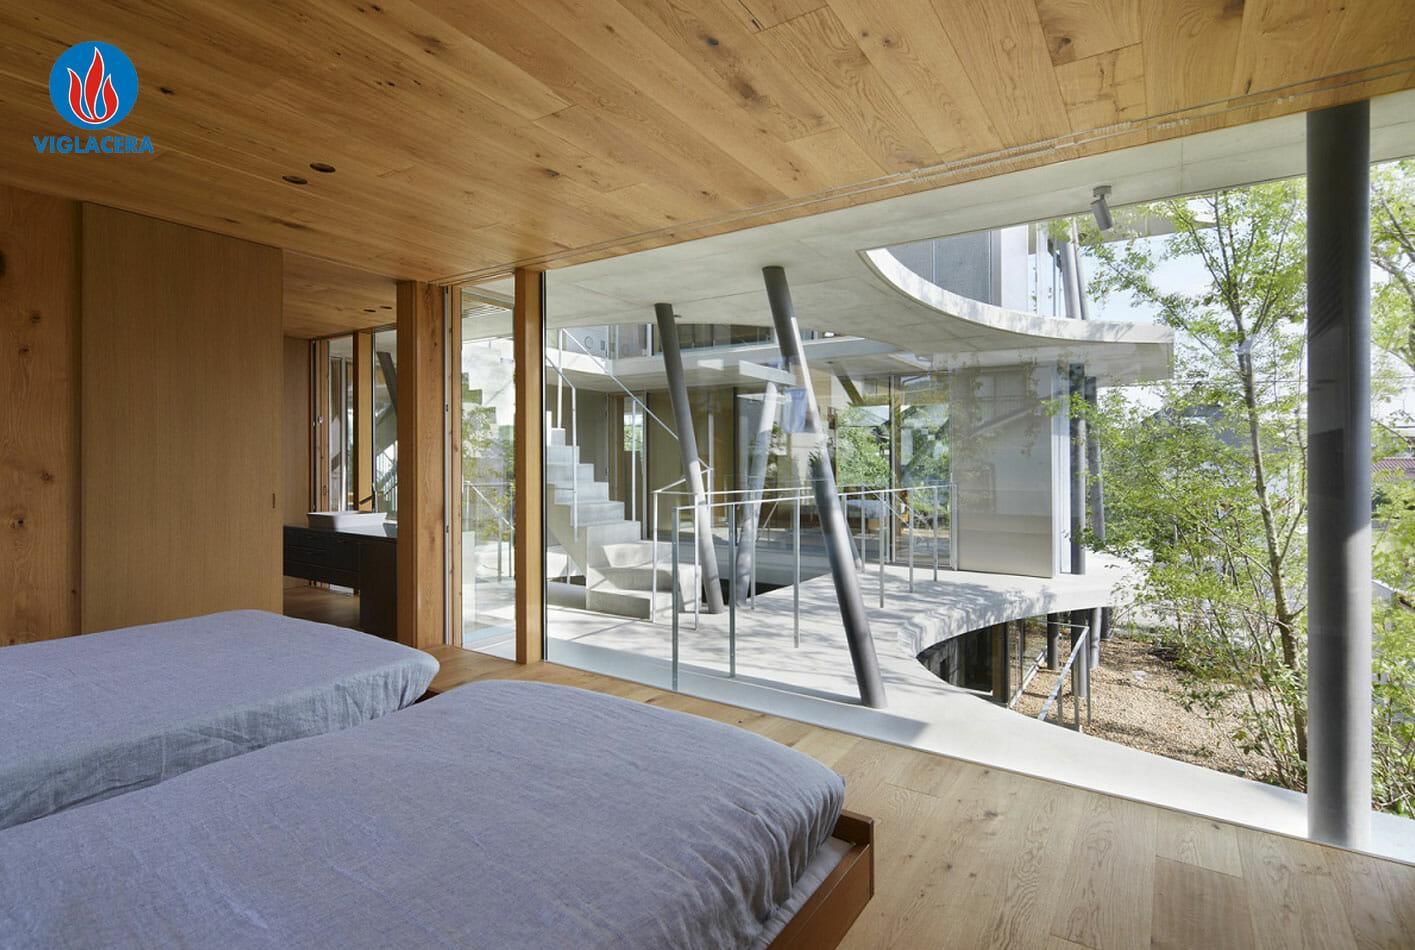 Kiến trúc của sự tự do, khoáng đạt, tận dụng triệt để diện tích